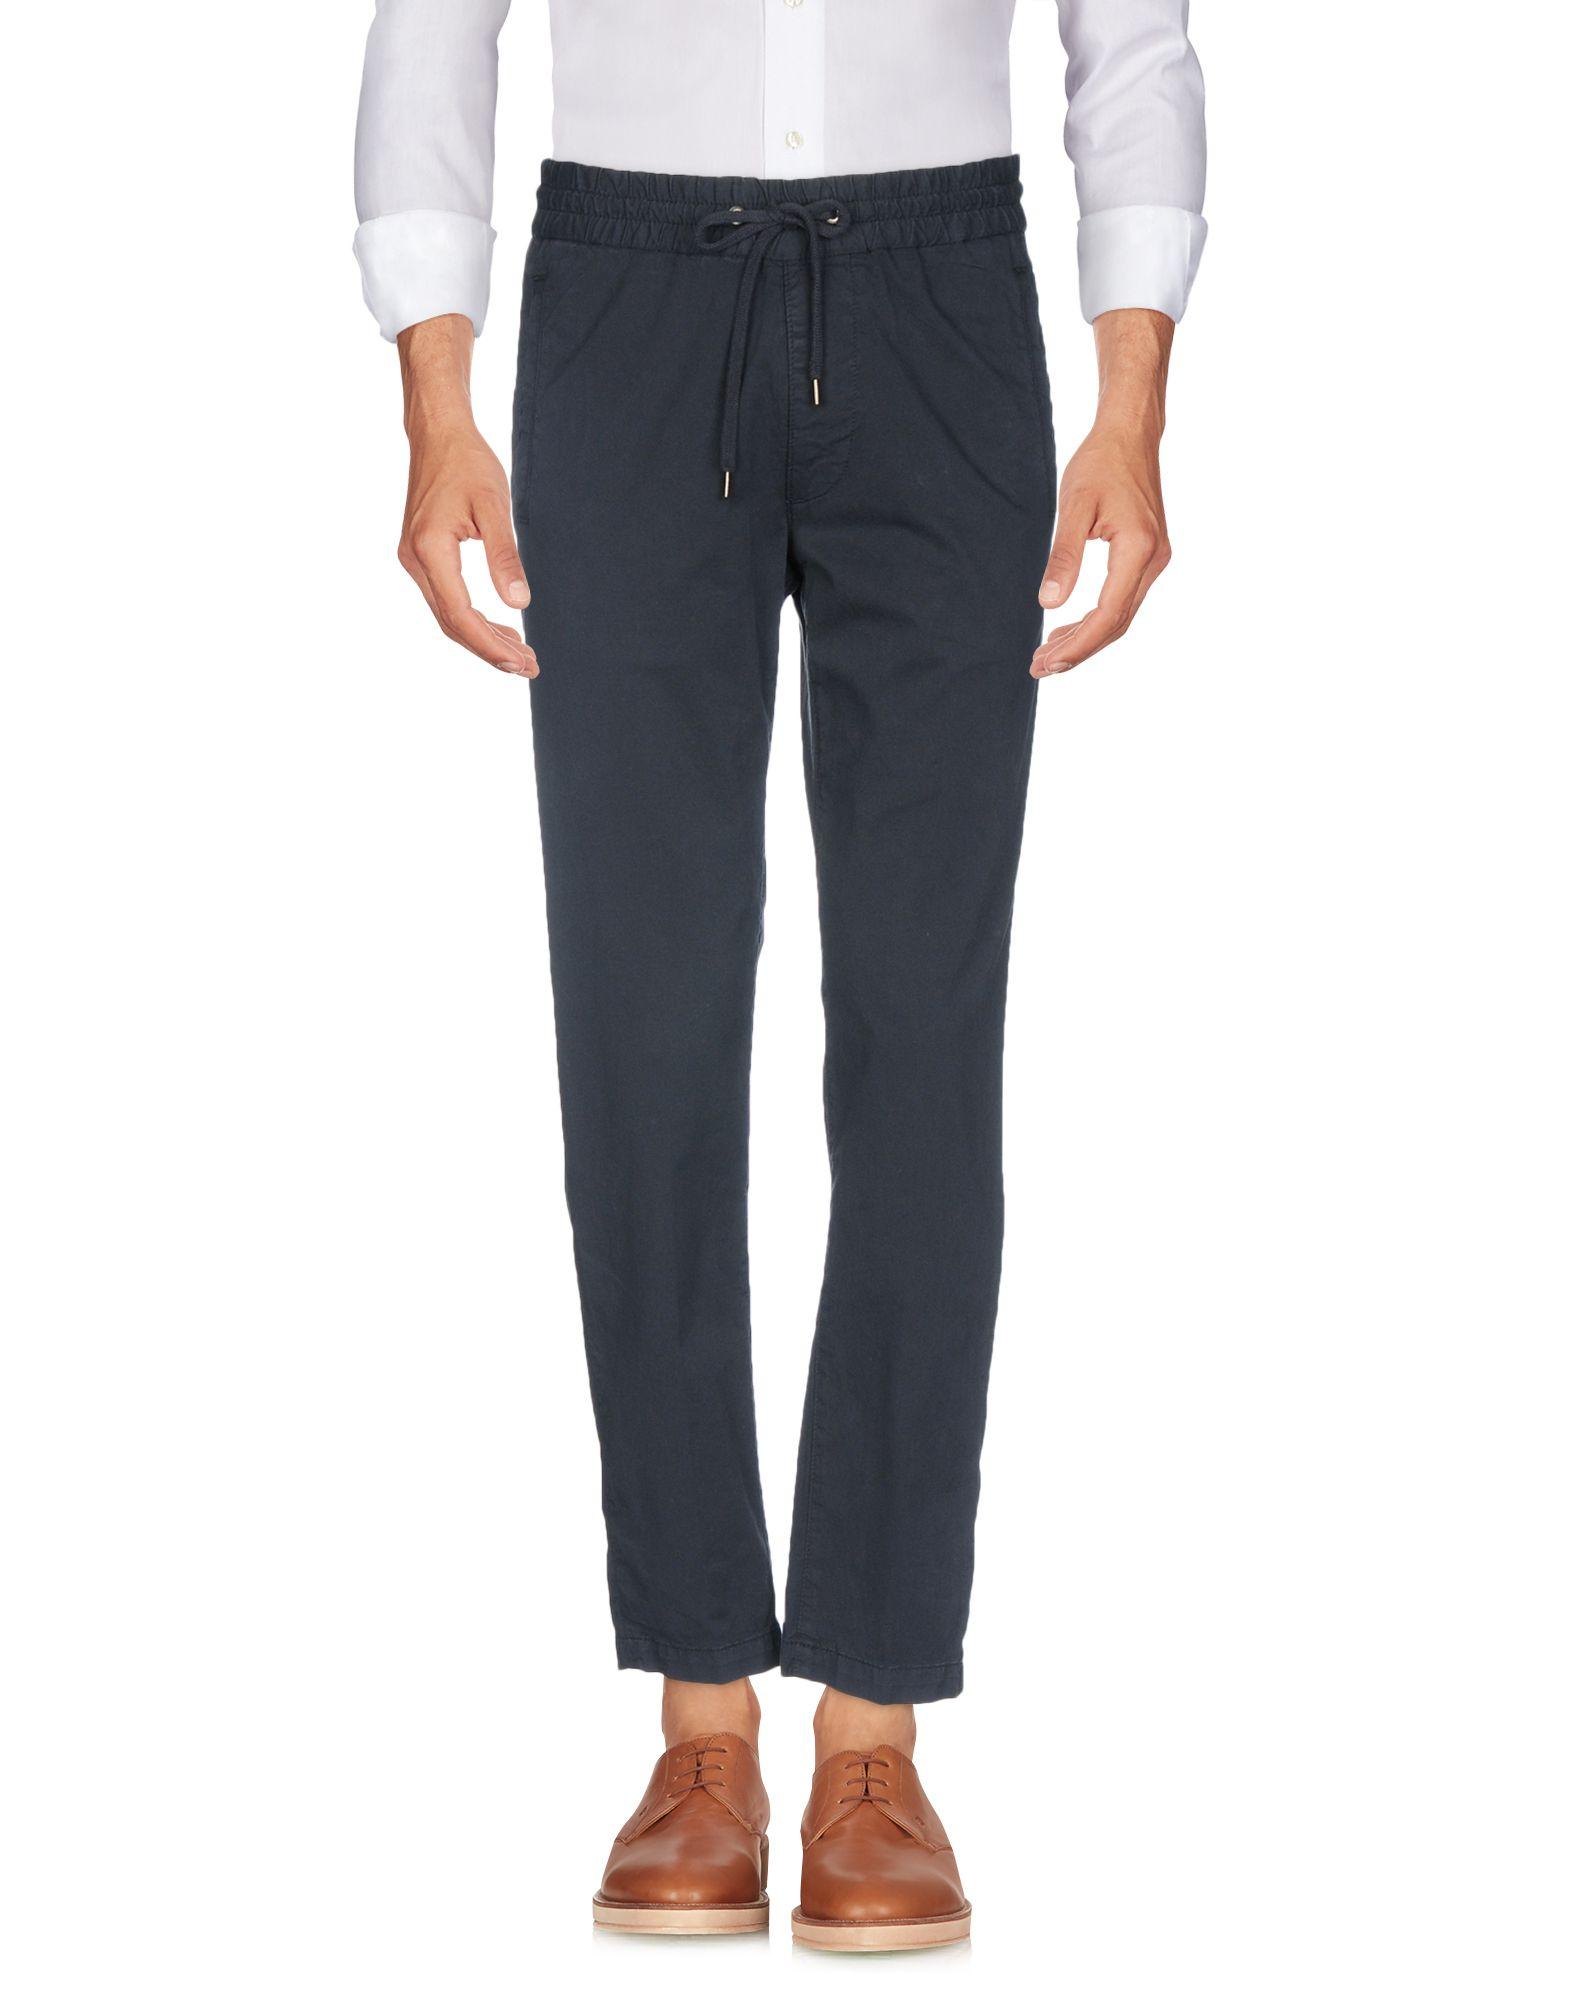 Pantalone Woolrich Uomo - Acquista online su